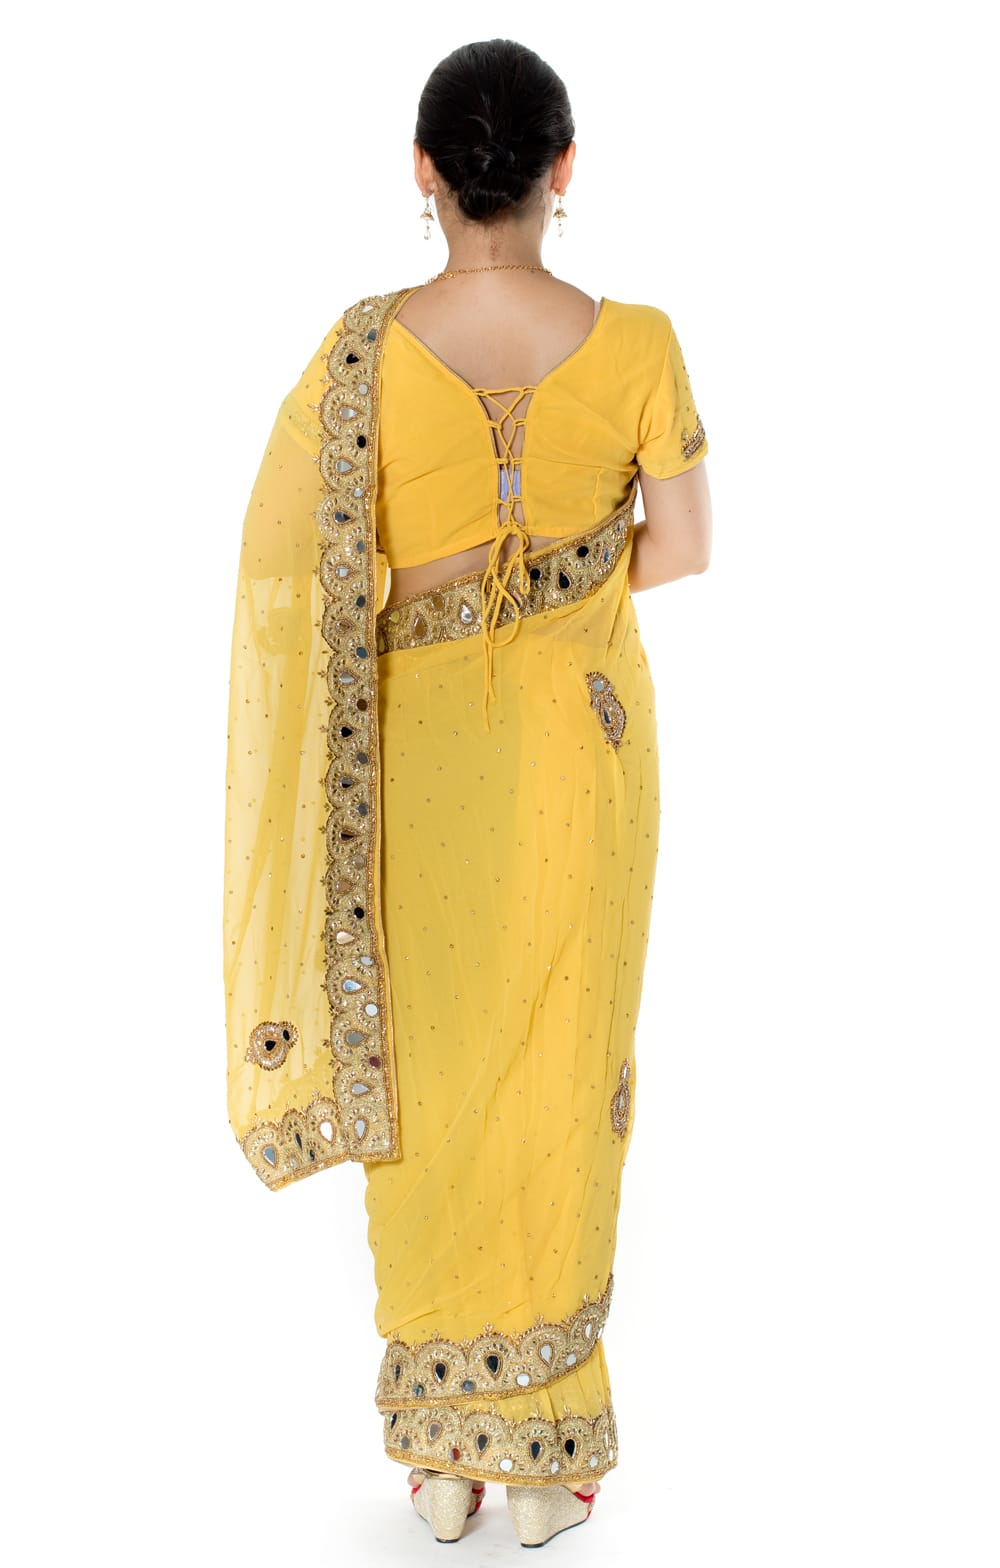 【一点物】ミラーワークと刺繍の婚礼用ゴージャス ジョーゼットサリー【チョリ付き】 - 黄色 3 - 後ろからの写真です